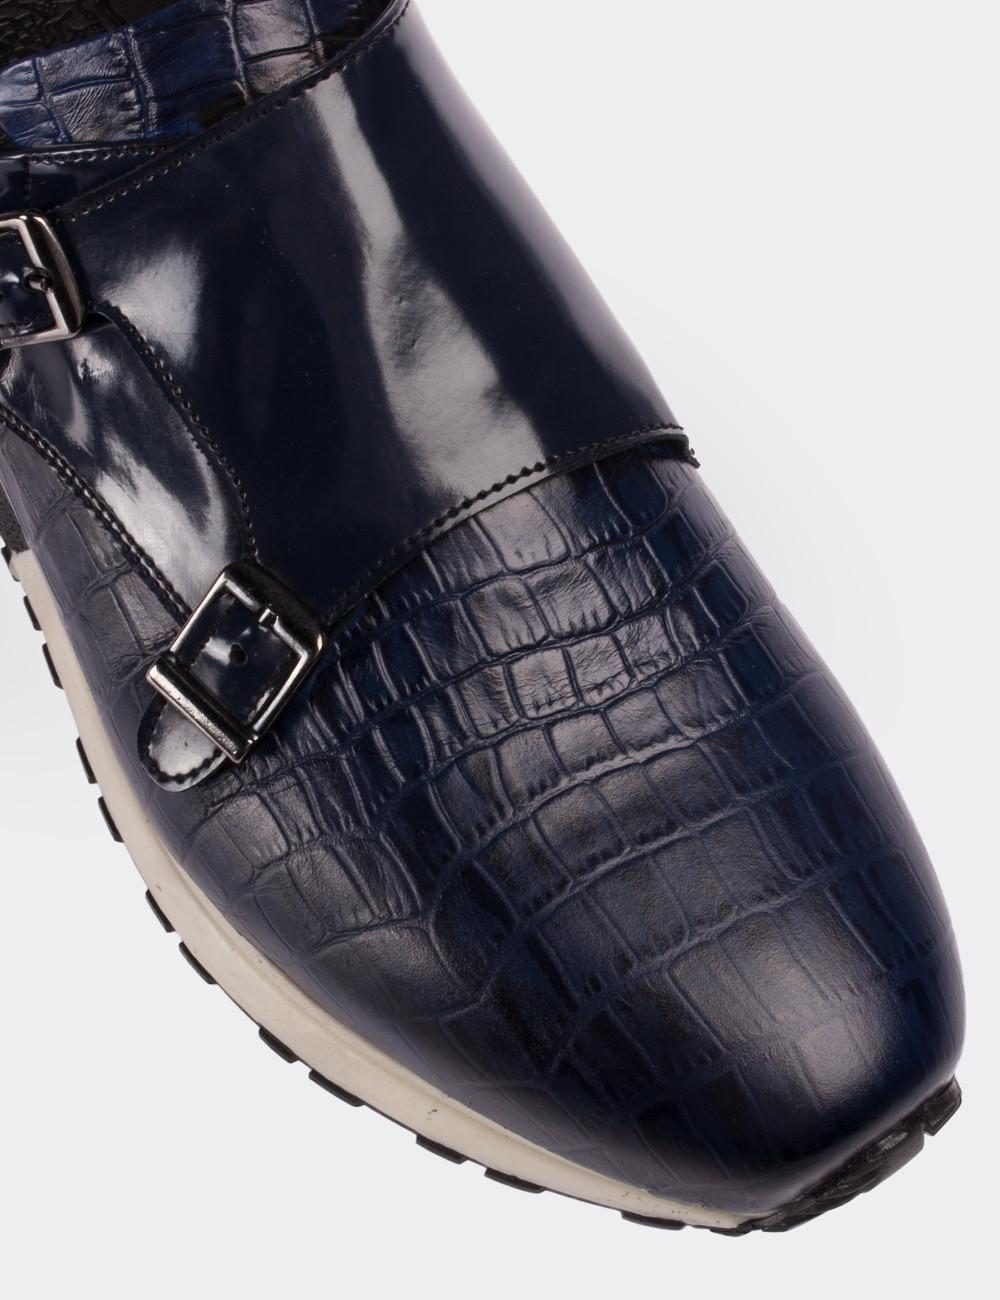 Hakiki Deri Kroko Desen Lacivert Monk Spor Ayakkabı - 01586MLCVT01